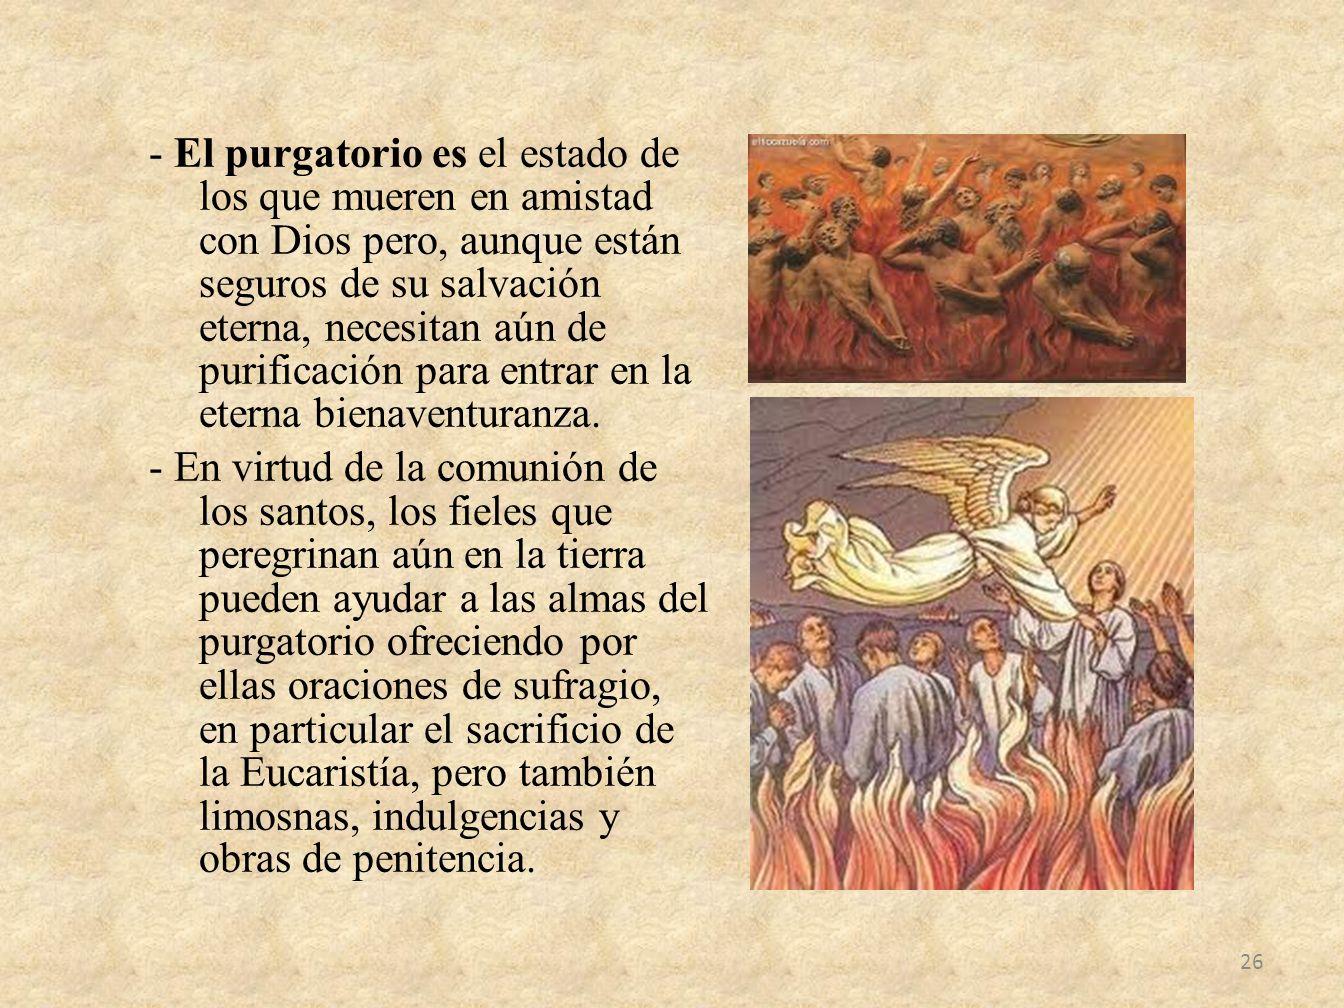 - El purgatorio es el estado de los que mueren en amistad con Dios pero, aunque están seguros de su salvación eterna, necesitan aún de purificación para entrar en la eterna bienaventuranza.